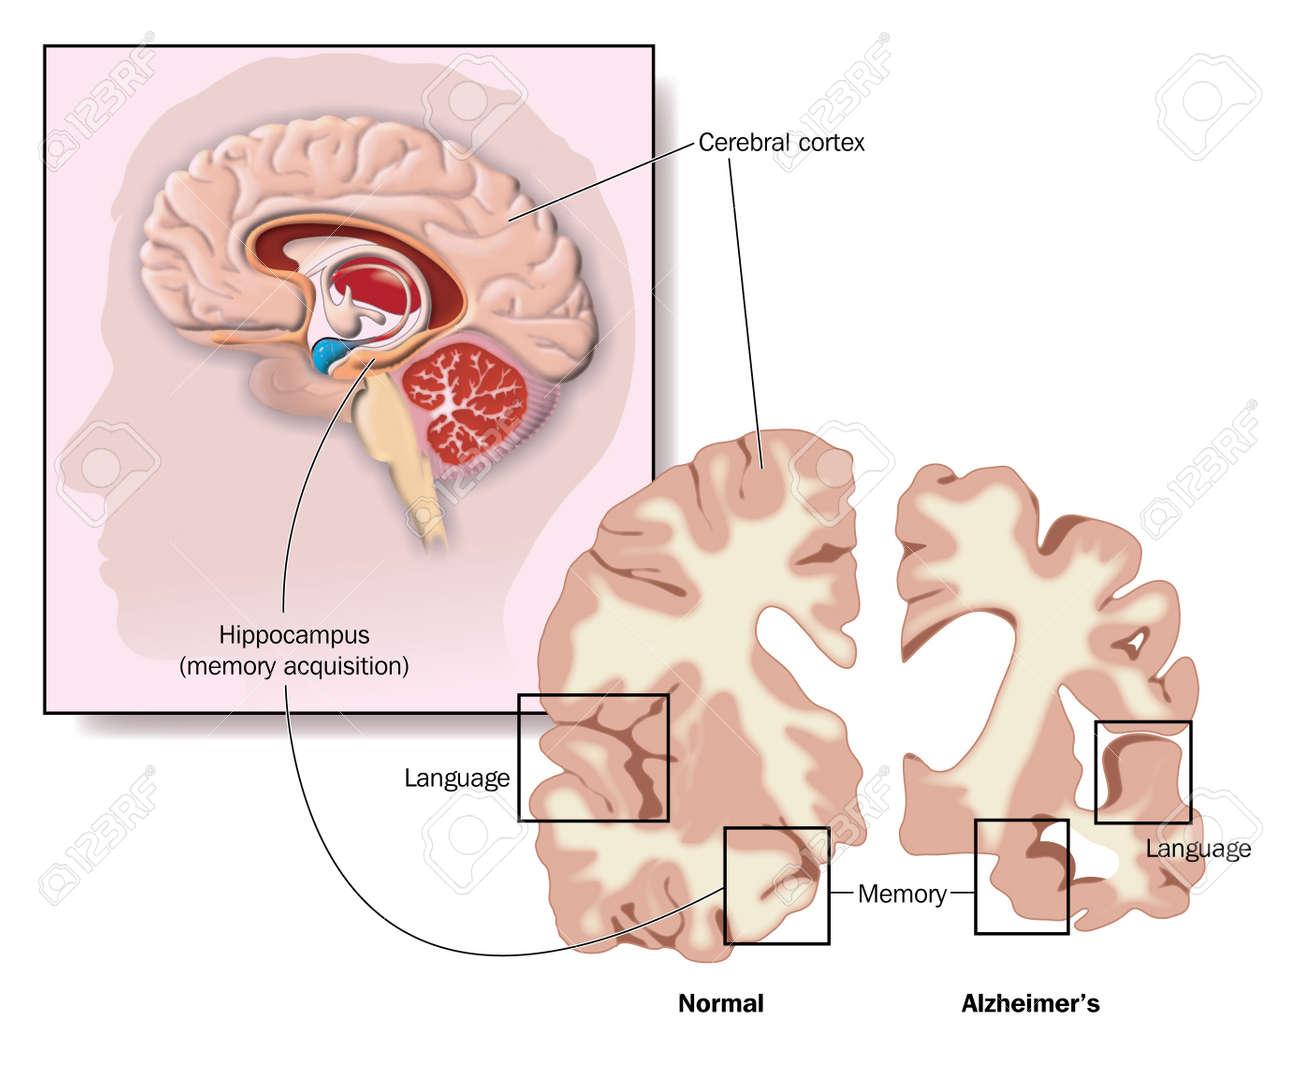 Dibujo Del Cerebro Que Muestra El Hipocampo Y Las Zonas De ...